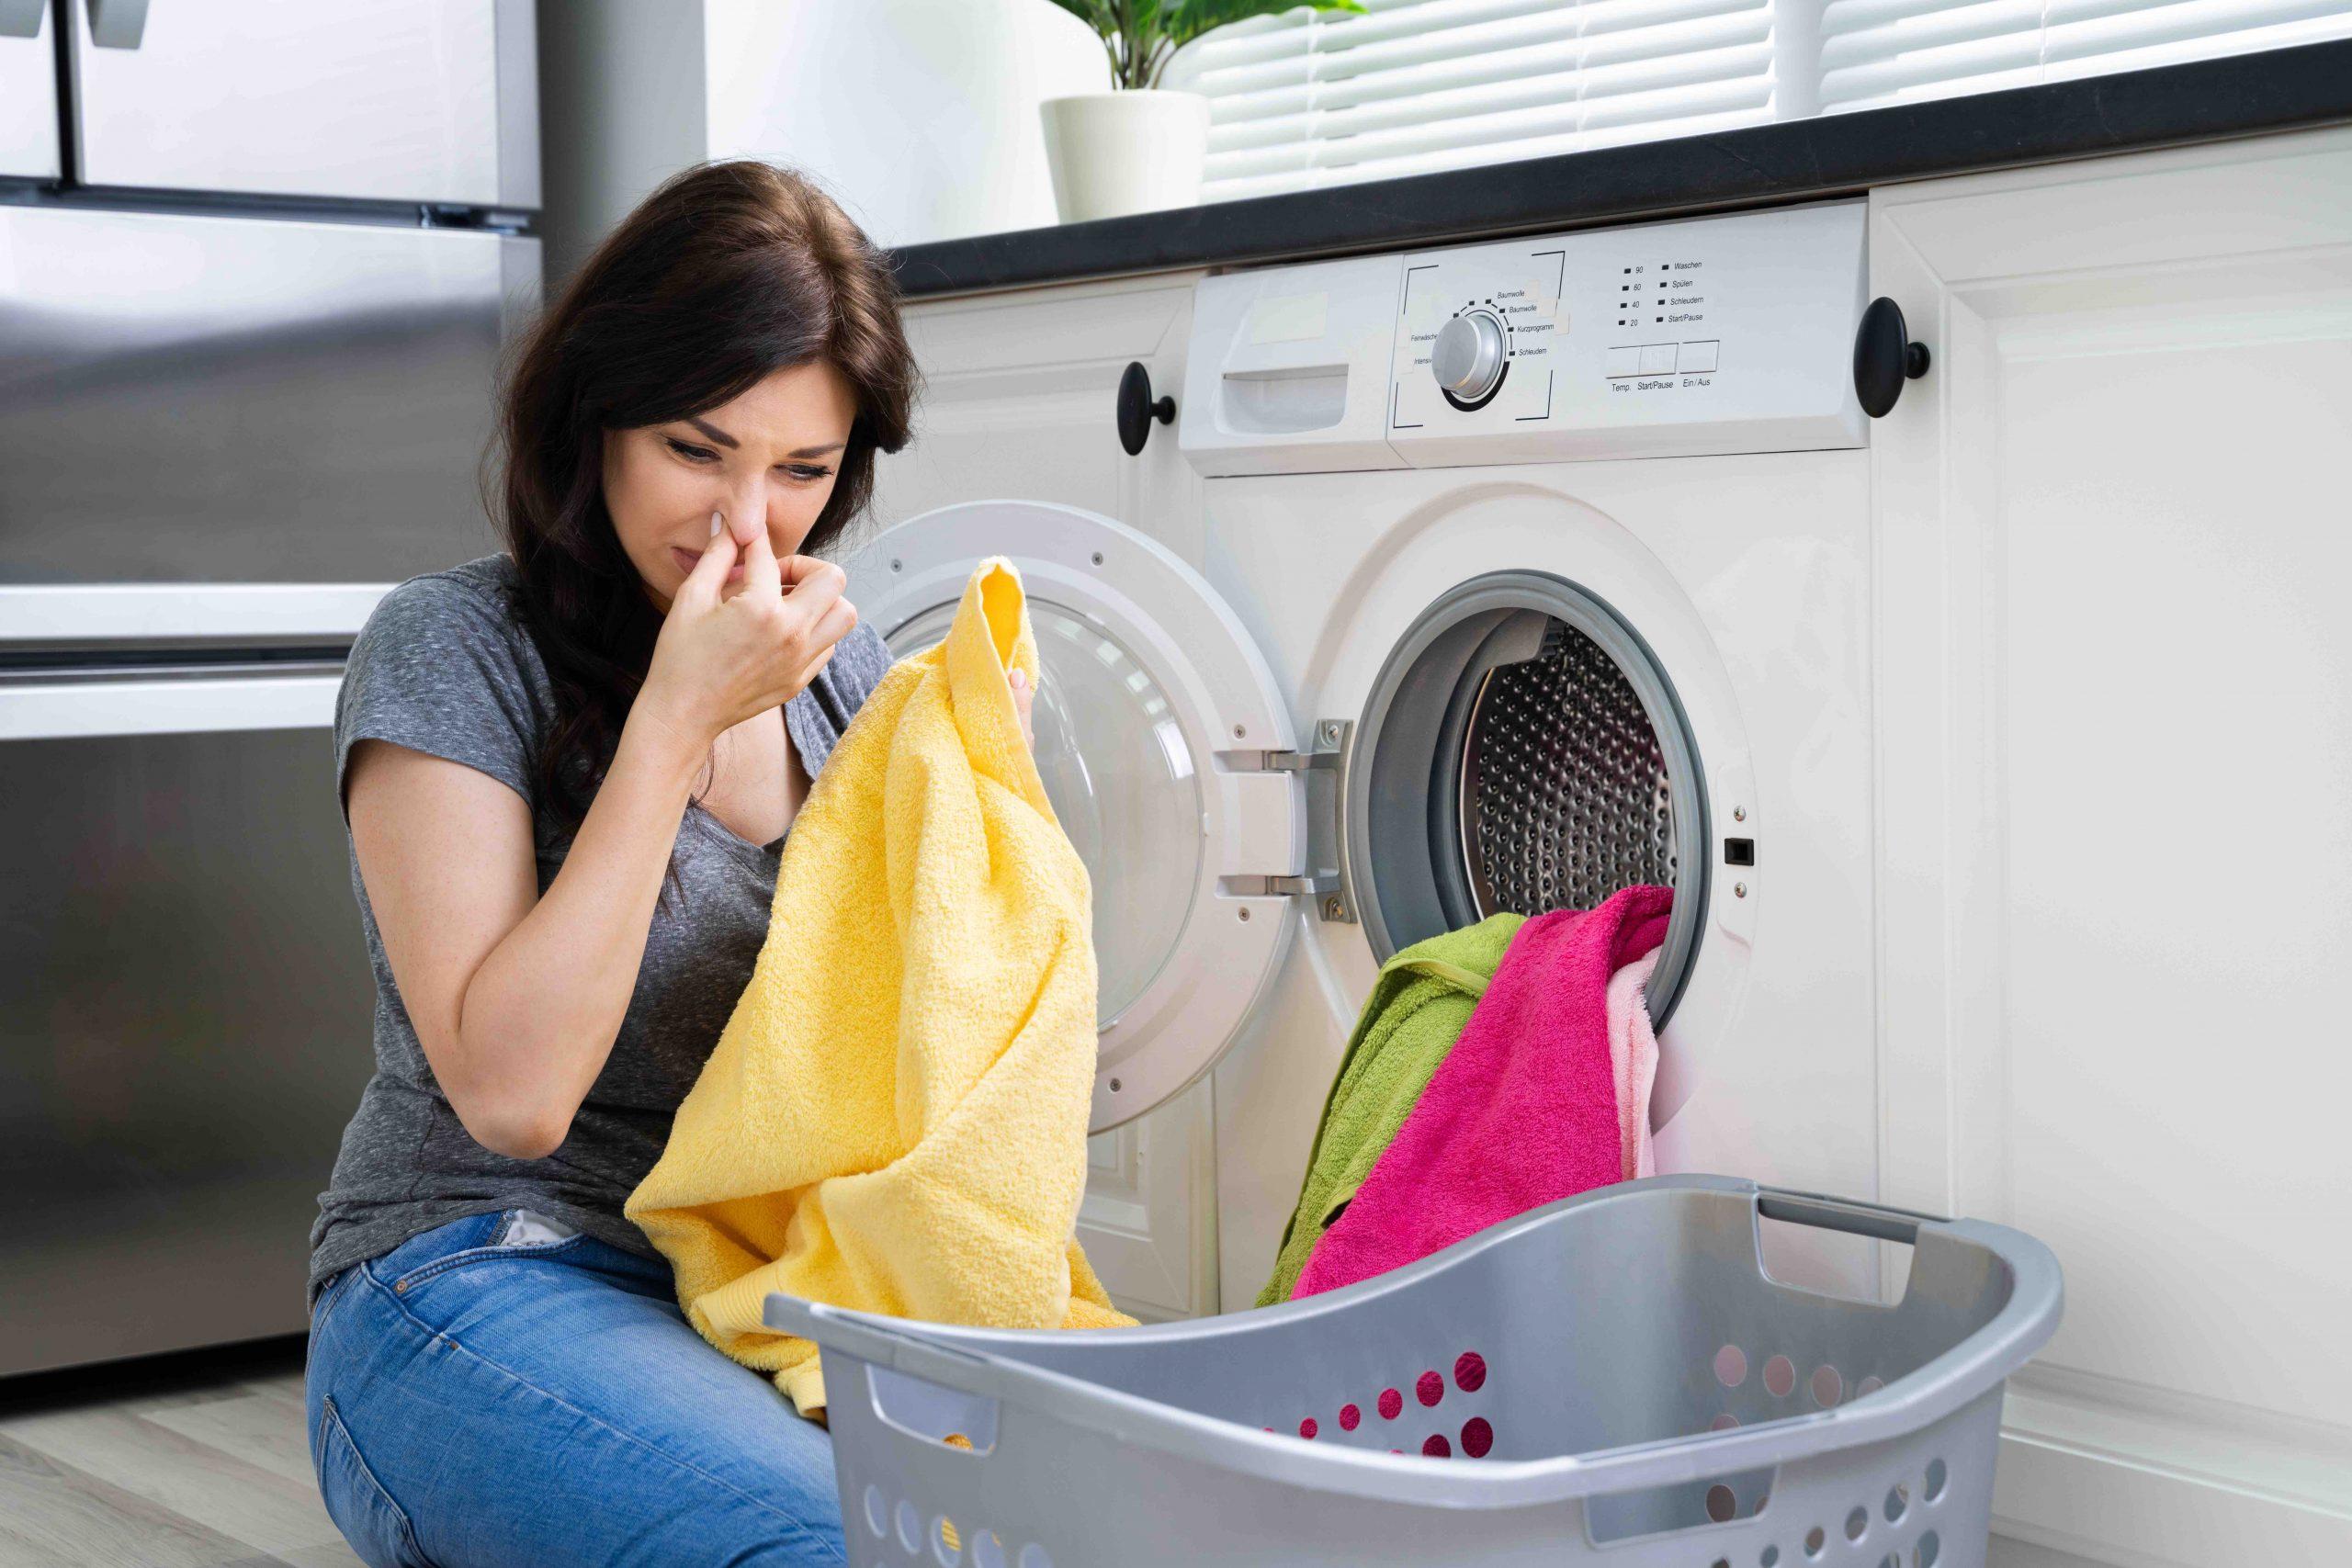 bucato puzza dopo il lavaggio in lavatrice